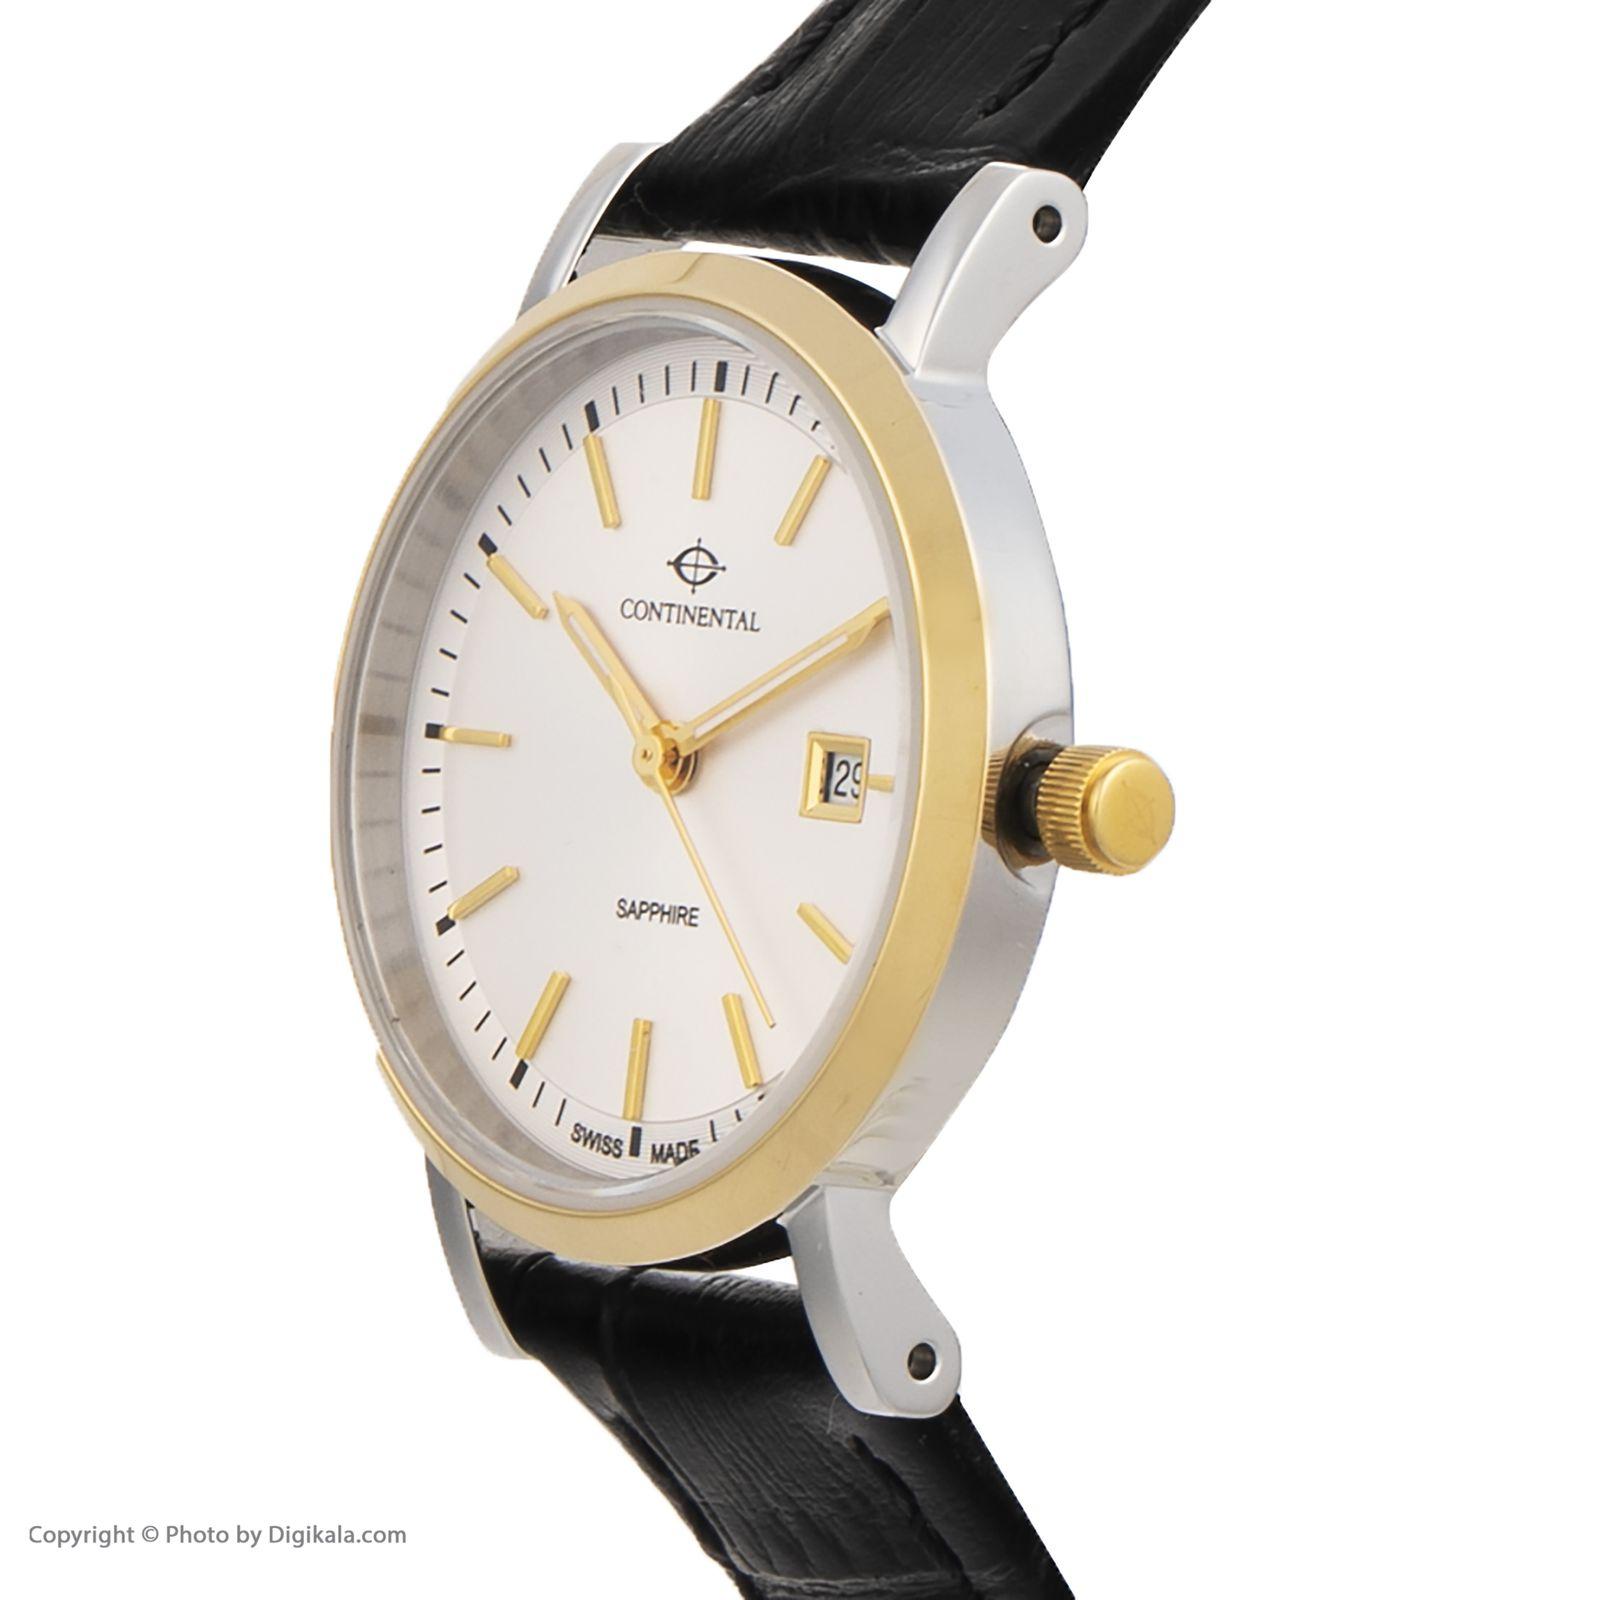 ساعت مچی عقربه ای زنانه کنتیننتال مدل 19101-LD354130 -  - 3